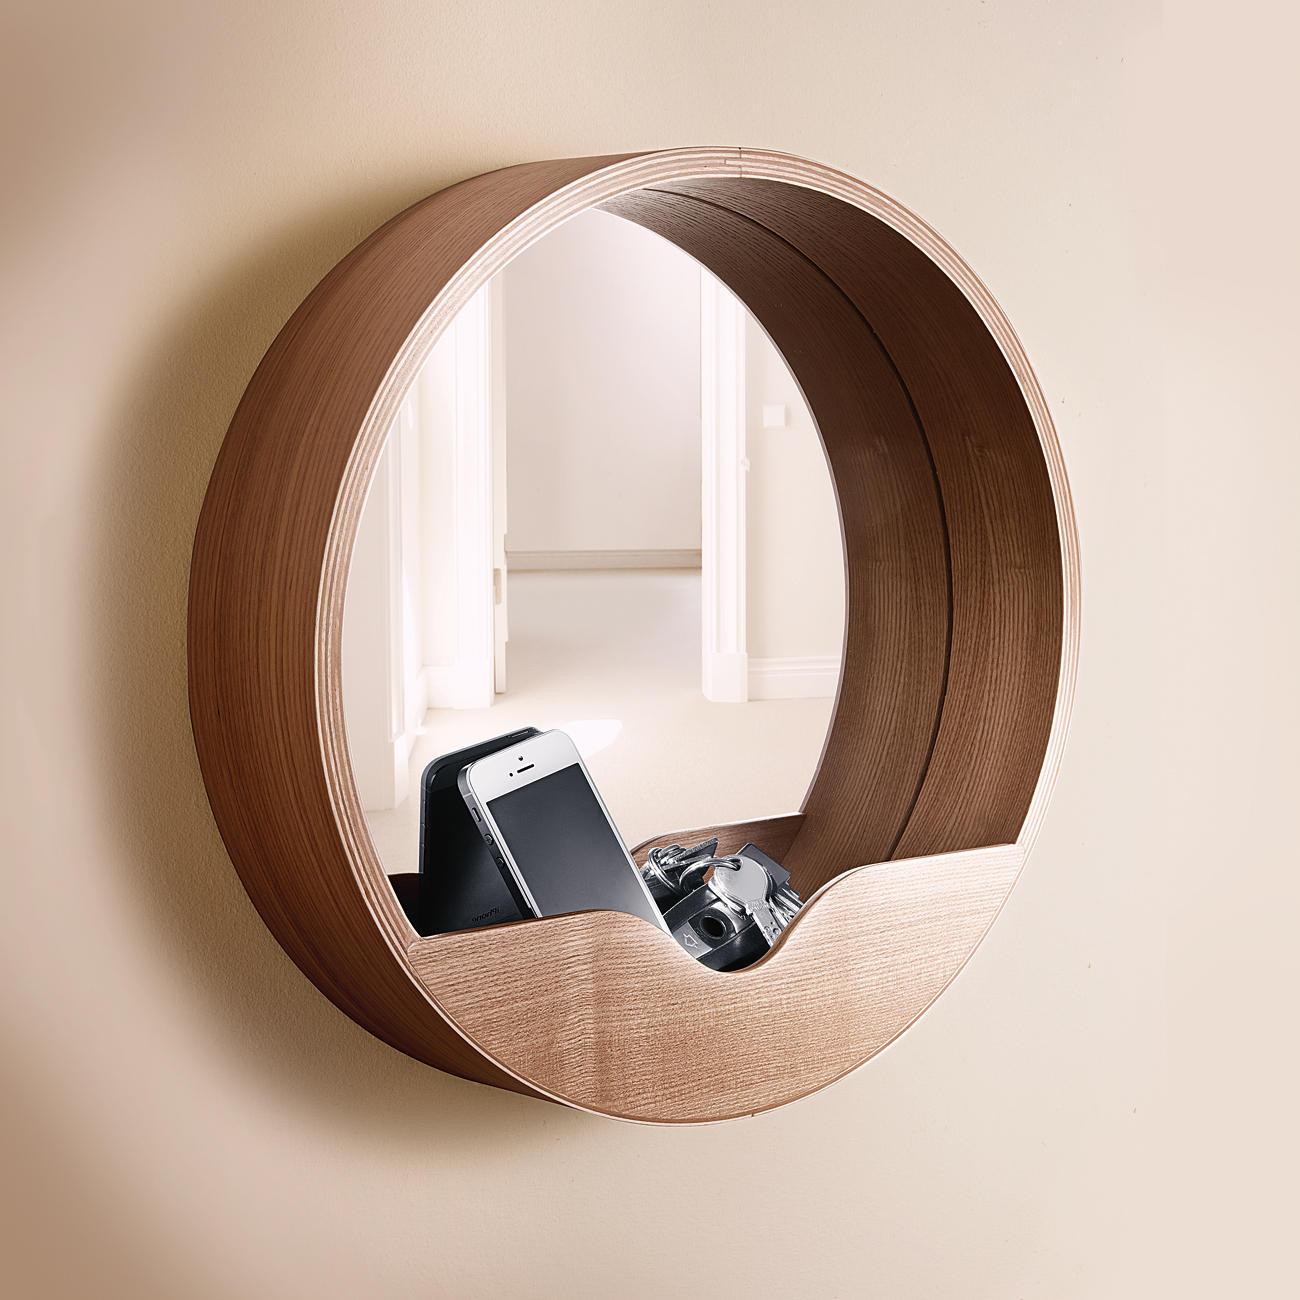 miroir mural vide poche garantie produit de 3 ans. Black Bedroom Furniture Sets. Home Design Ideas